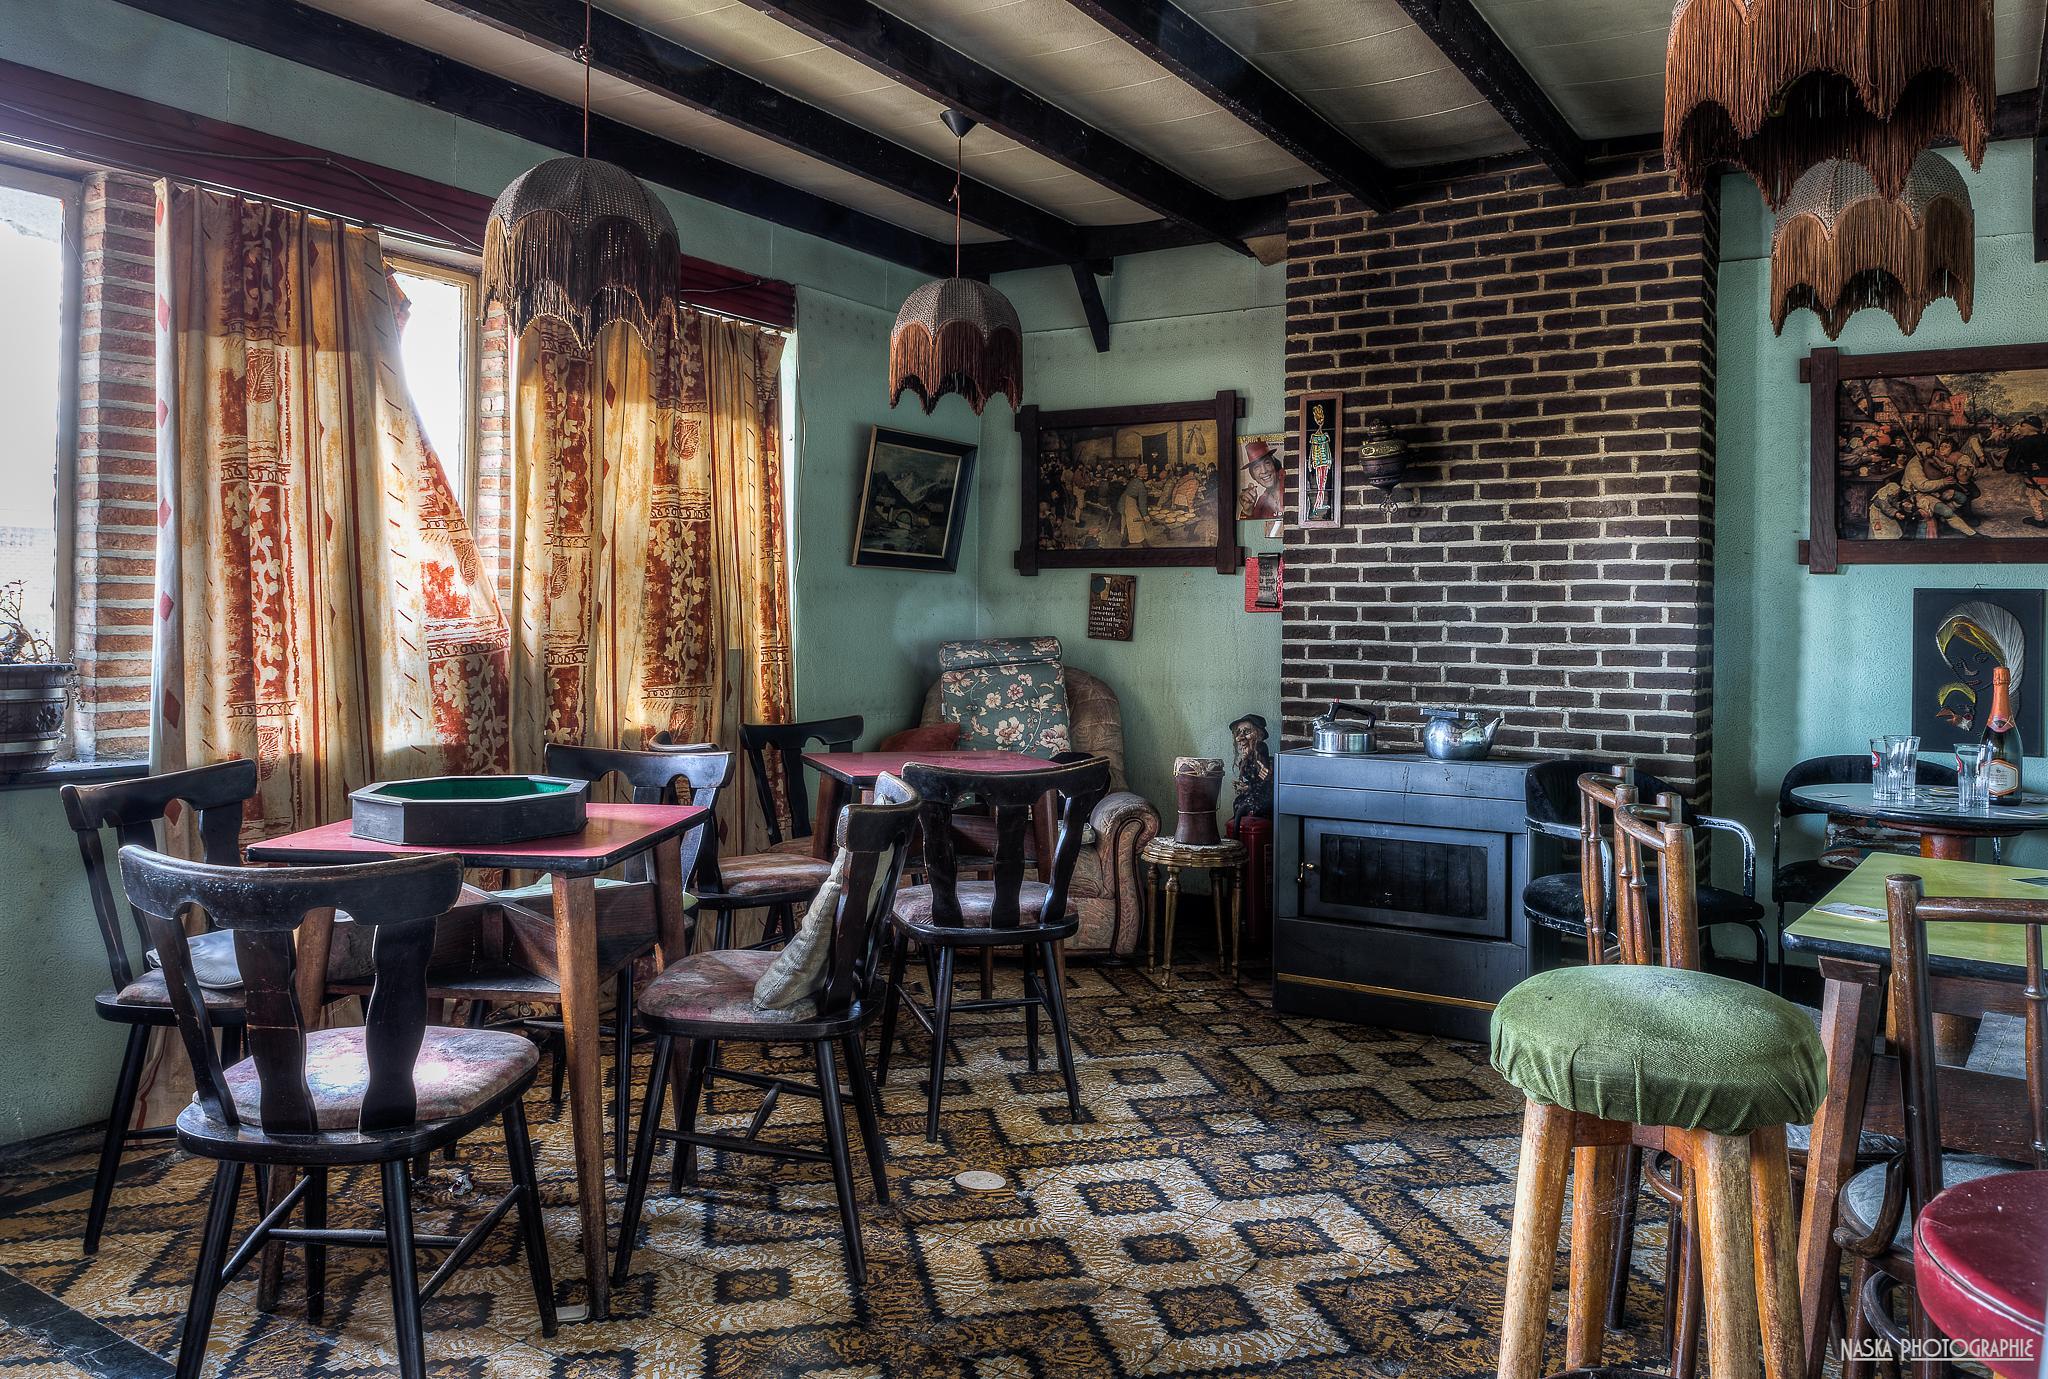 Mobidic's bar - Le salle de jeux by Naska photographie